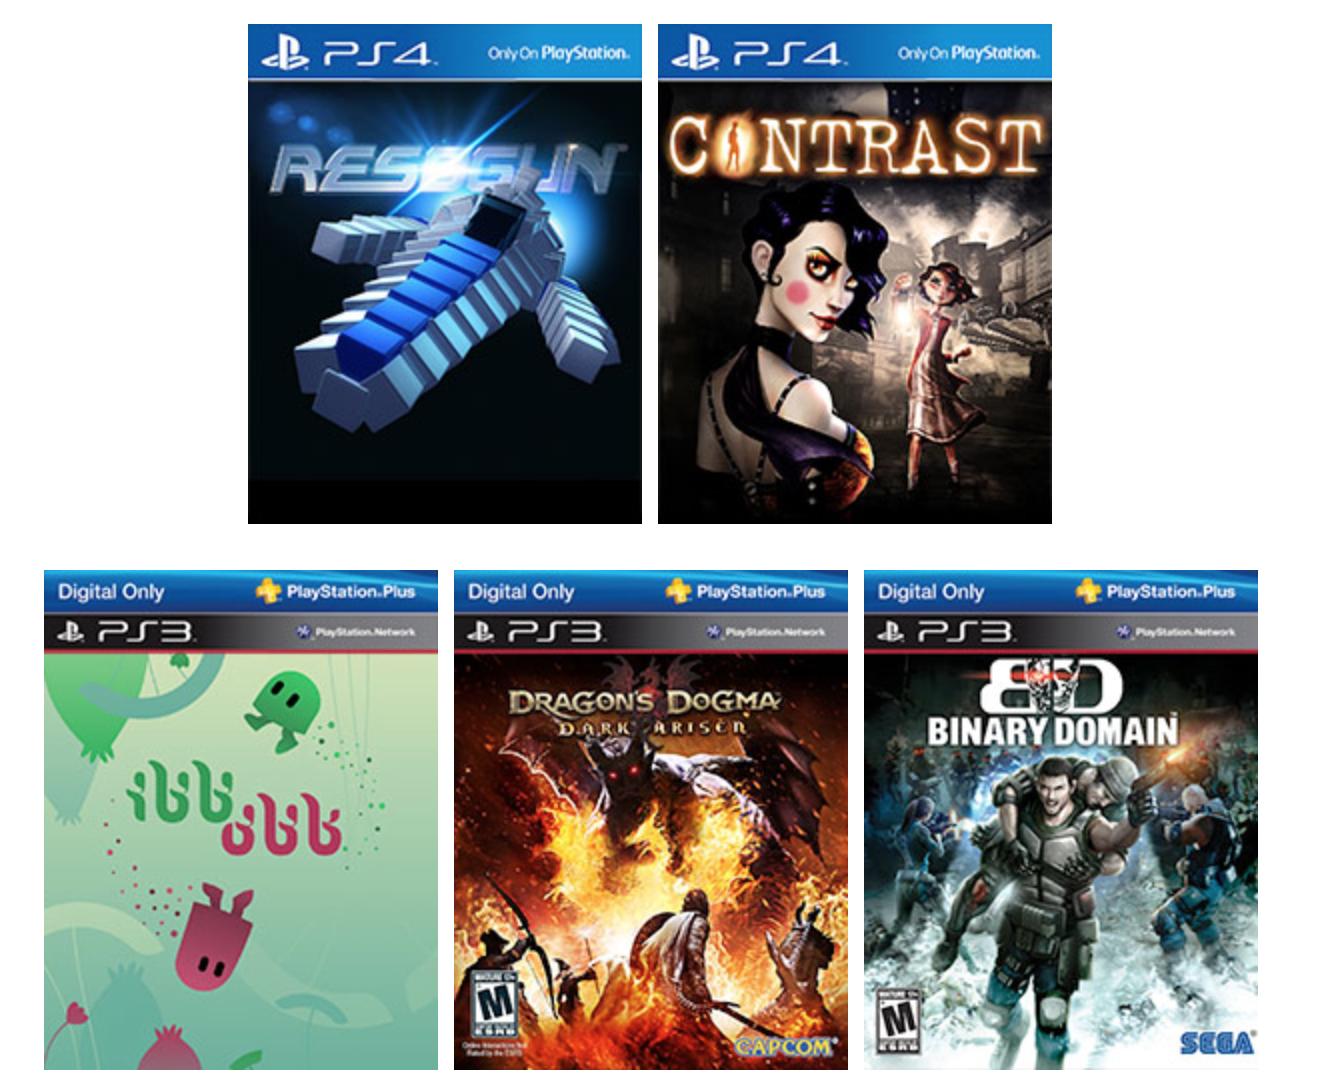 Juegos De Ps4 Ps3 Y Ps Vita Gratis Este Mes De Noviembre En Ps Plus